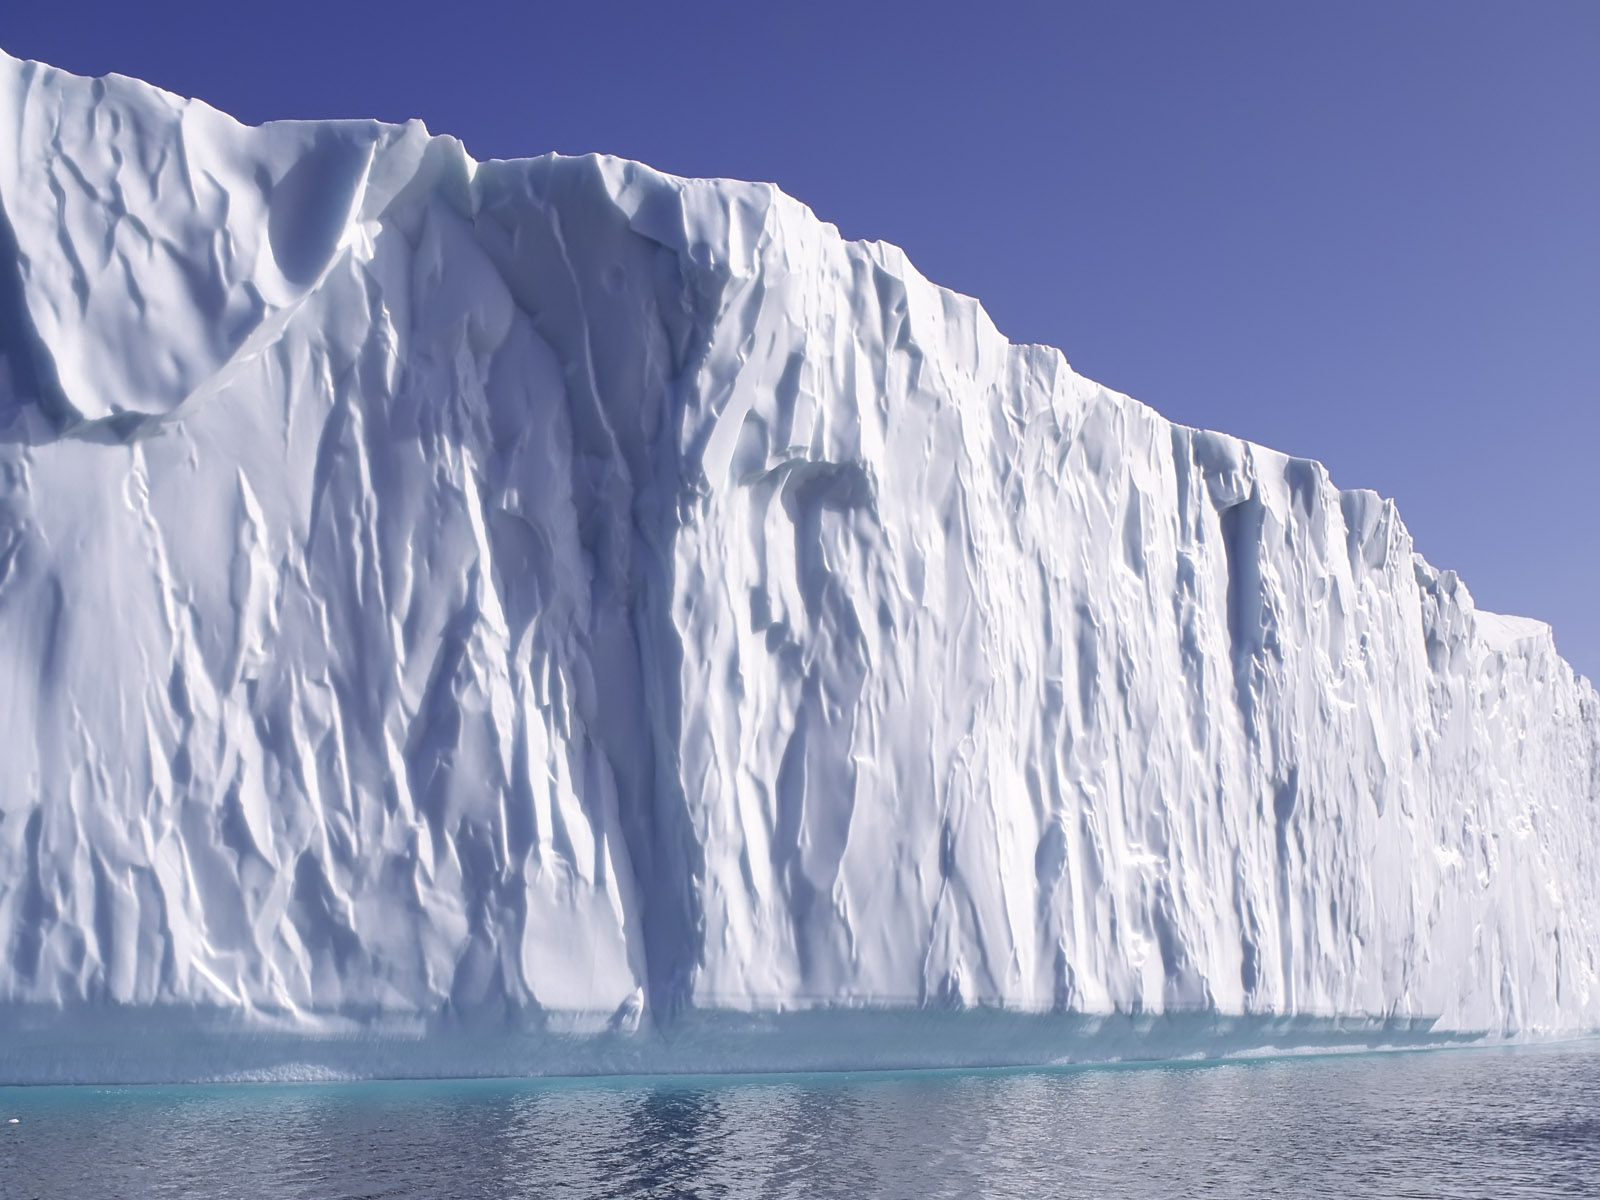 каротель относится высококачественные фото ледников цапли